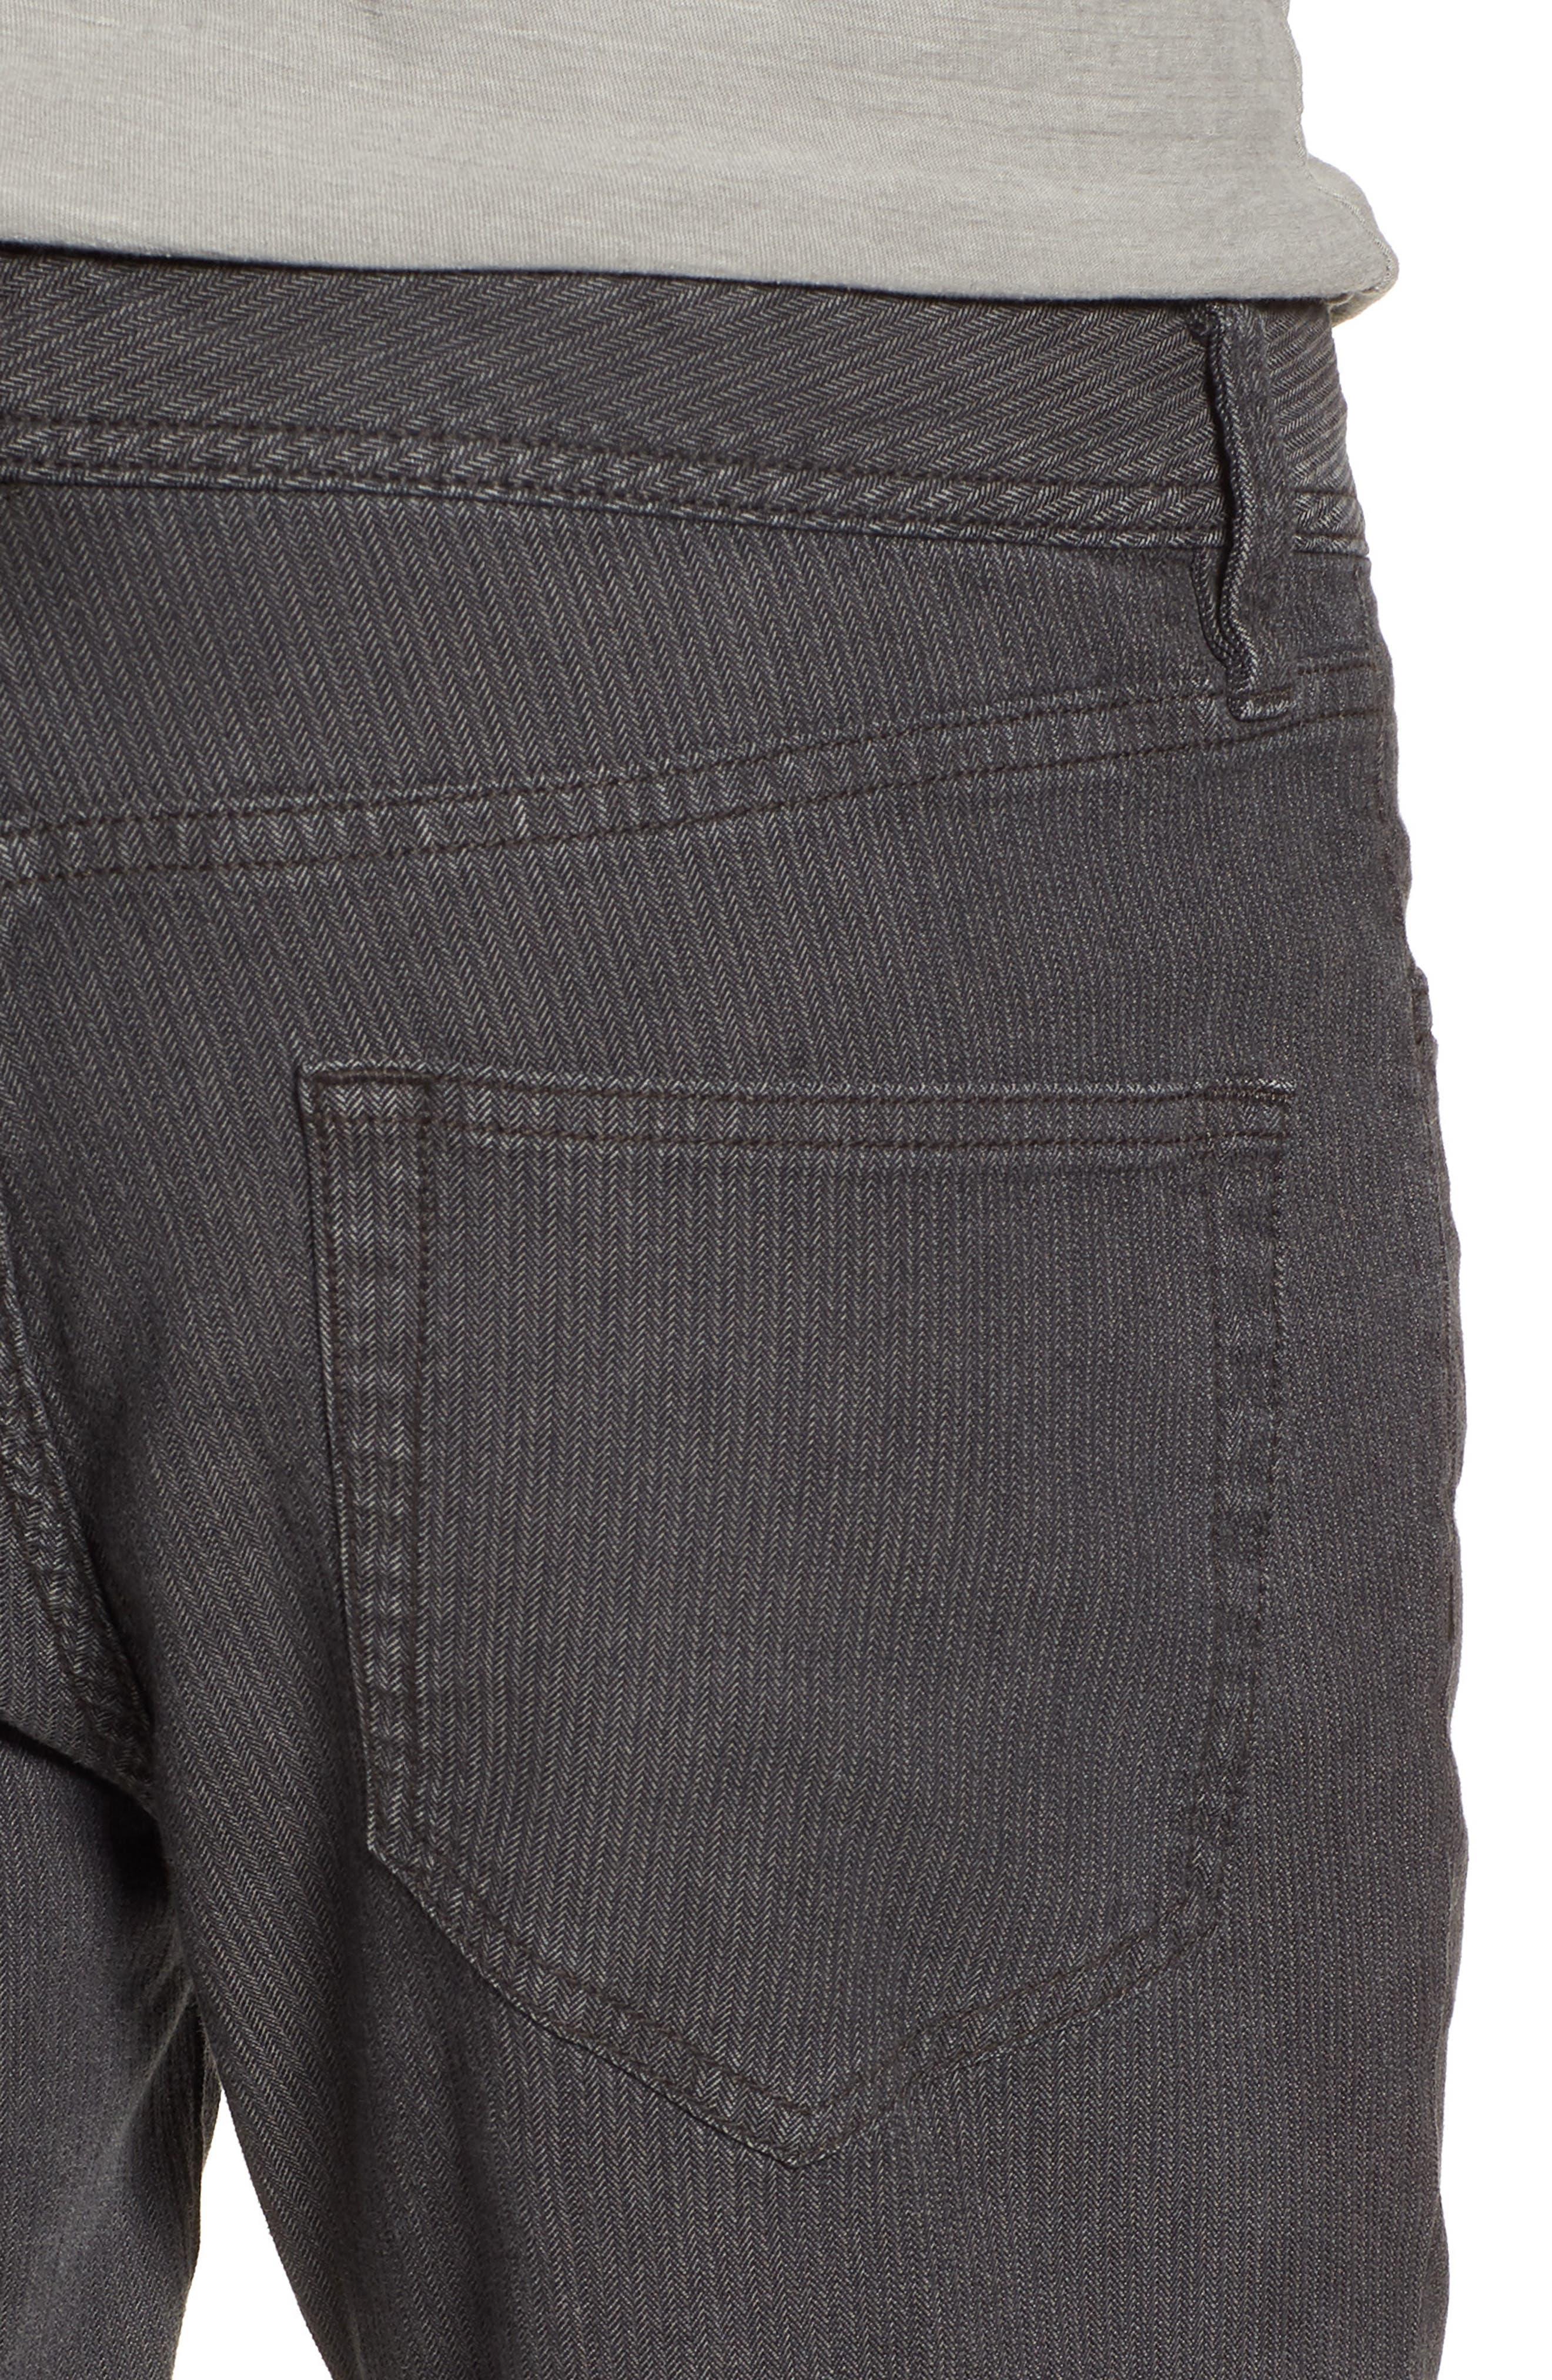 Alternate Image 4  - James Perse Slim Fit Stretch Herringbone Pants